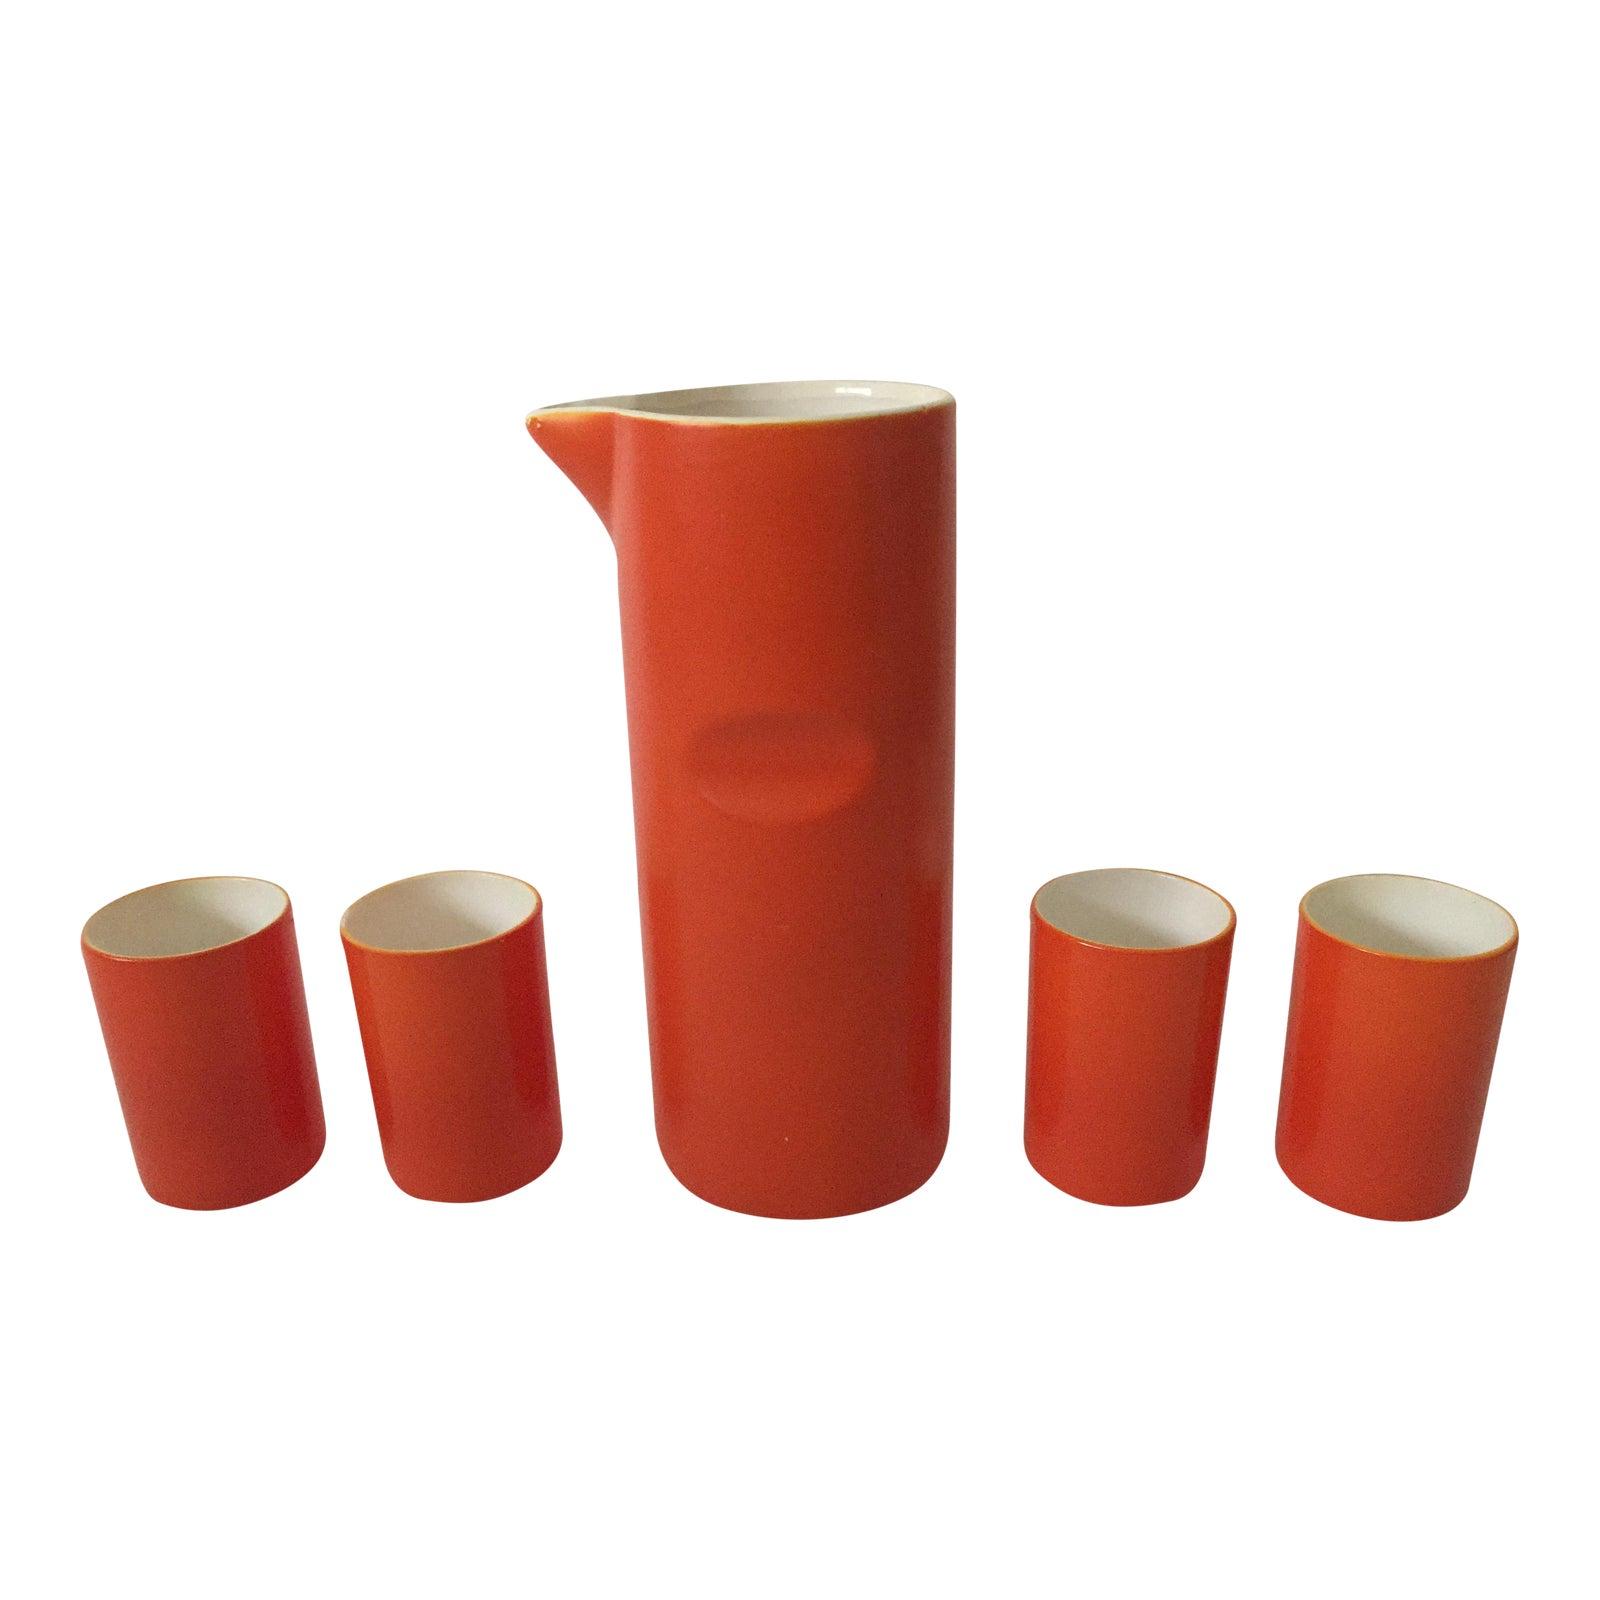 Mid-Century Modern Japan Orange Enamel Ceramic Decanter Carafe & 4 ...